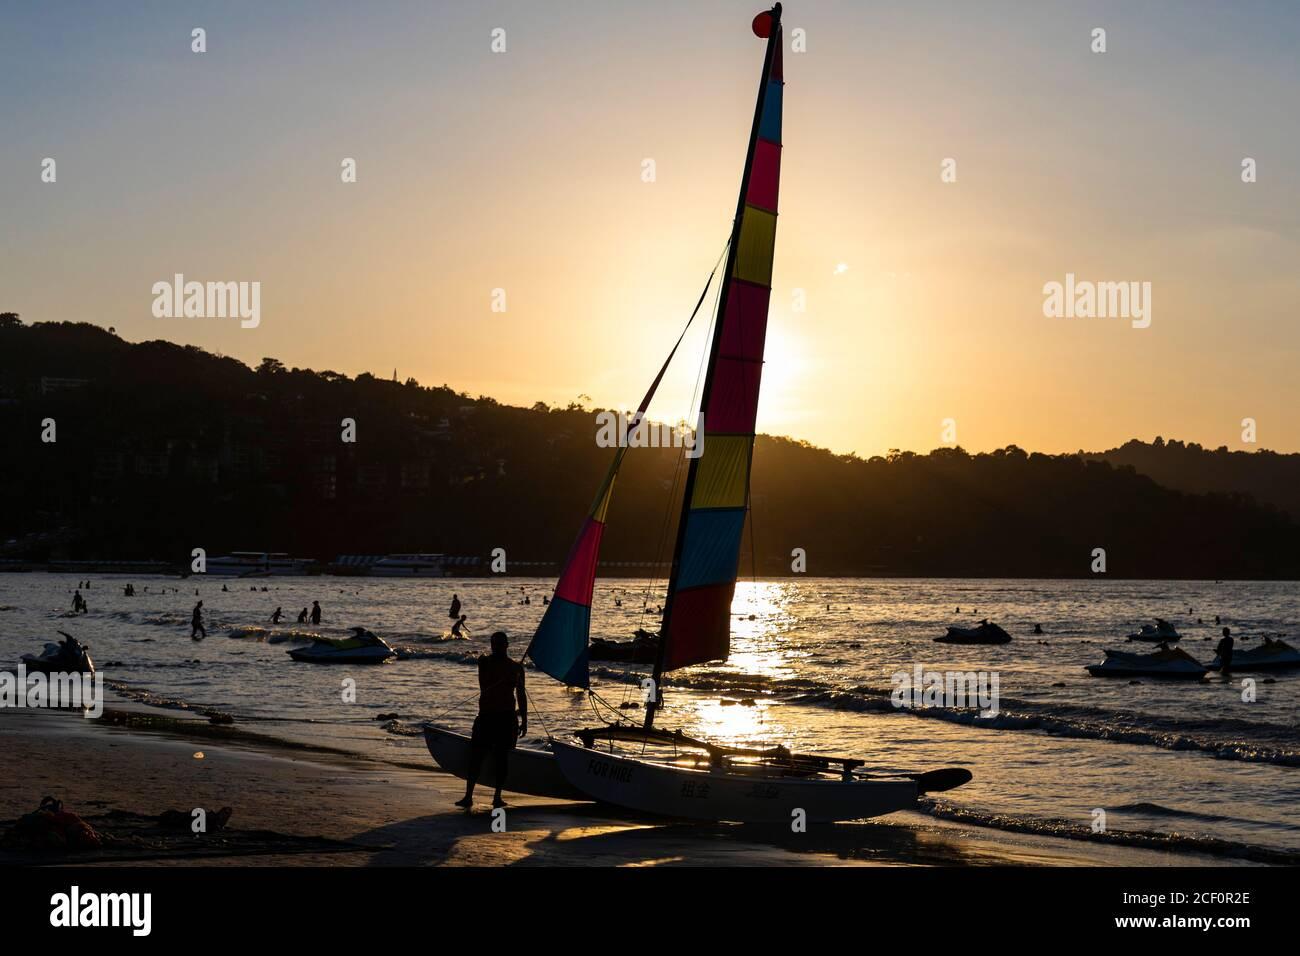 Segelboot zu mieten am Patong Beach bei Sonnenuntergang, Phuket, Thailand Stockfoto